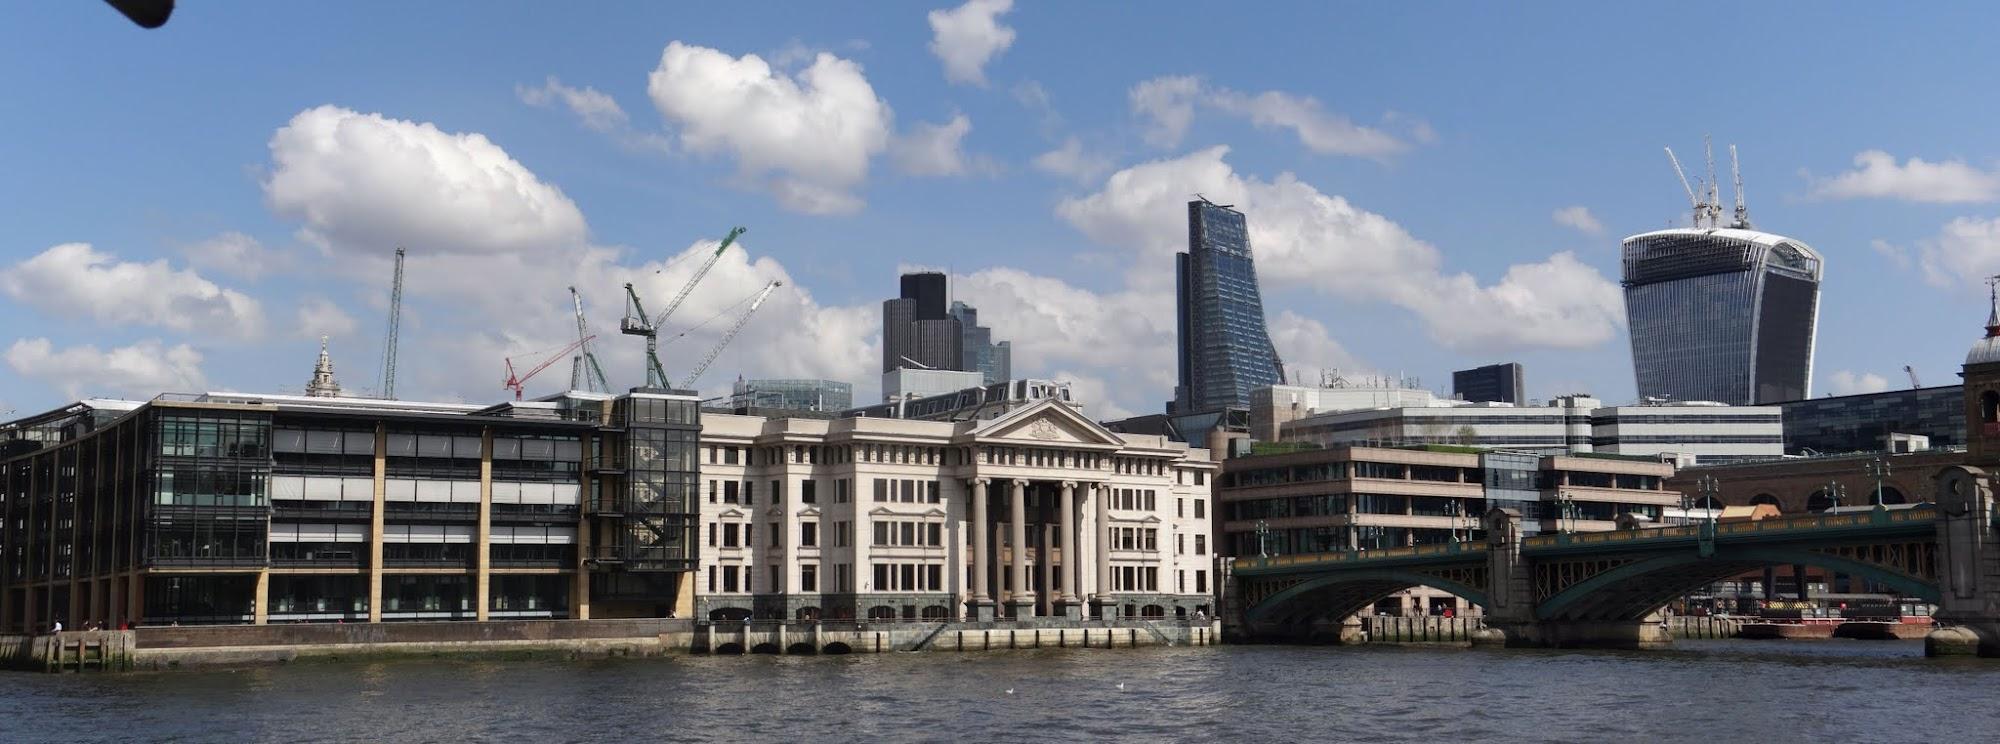 London_51.jpg